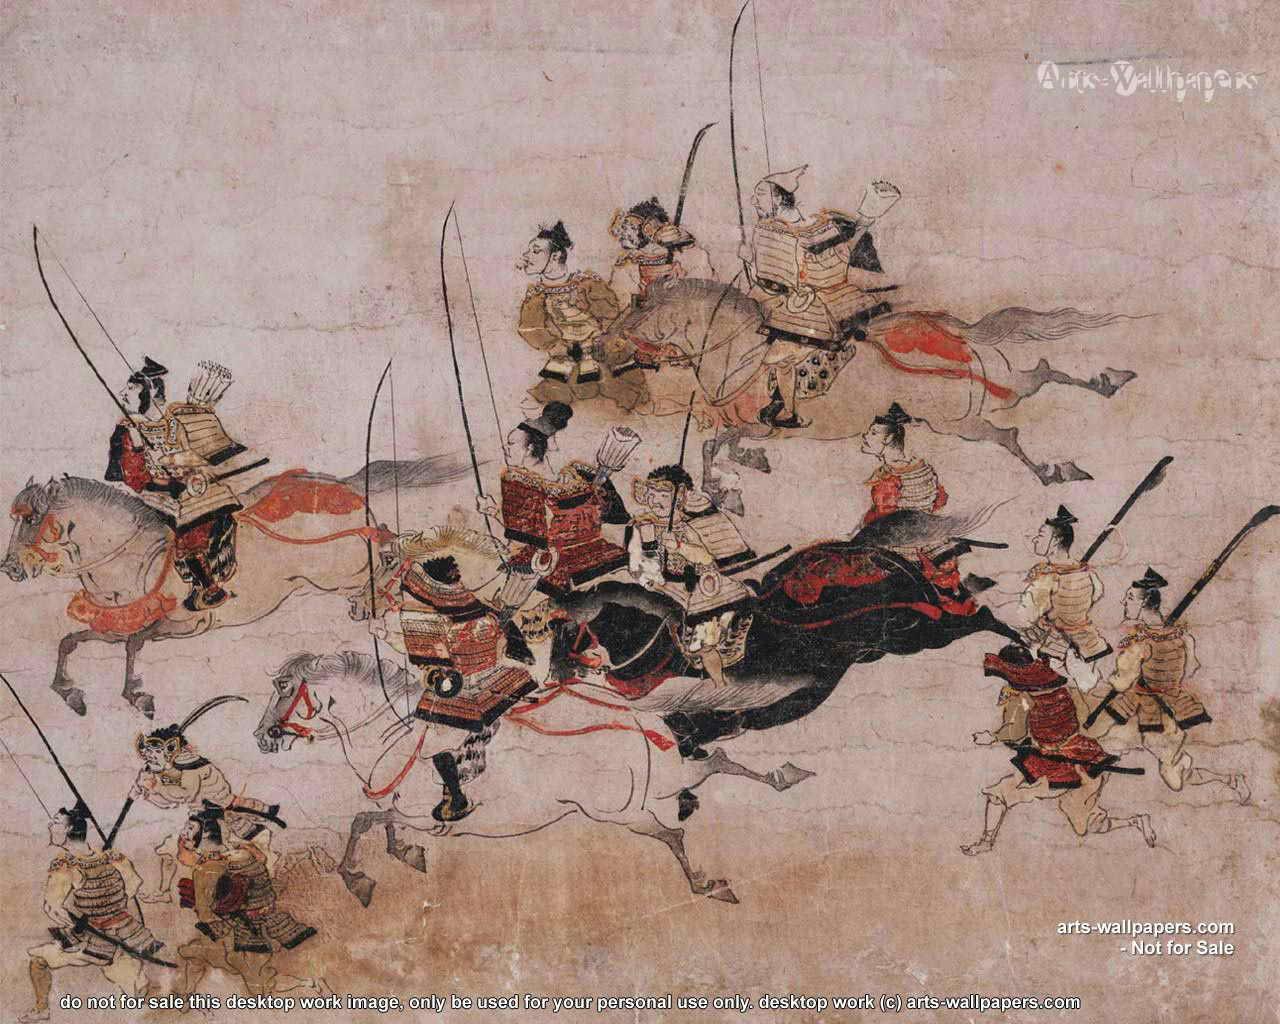 Japanese Art Wallpaper 1280 x 1024 1280x1024